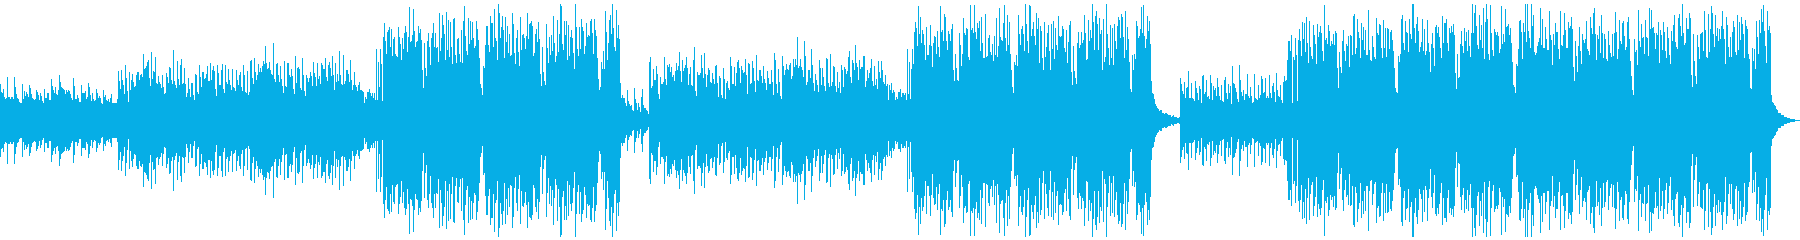 切ないリードメロディーのEDMの再生済みの波形